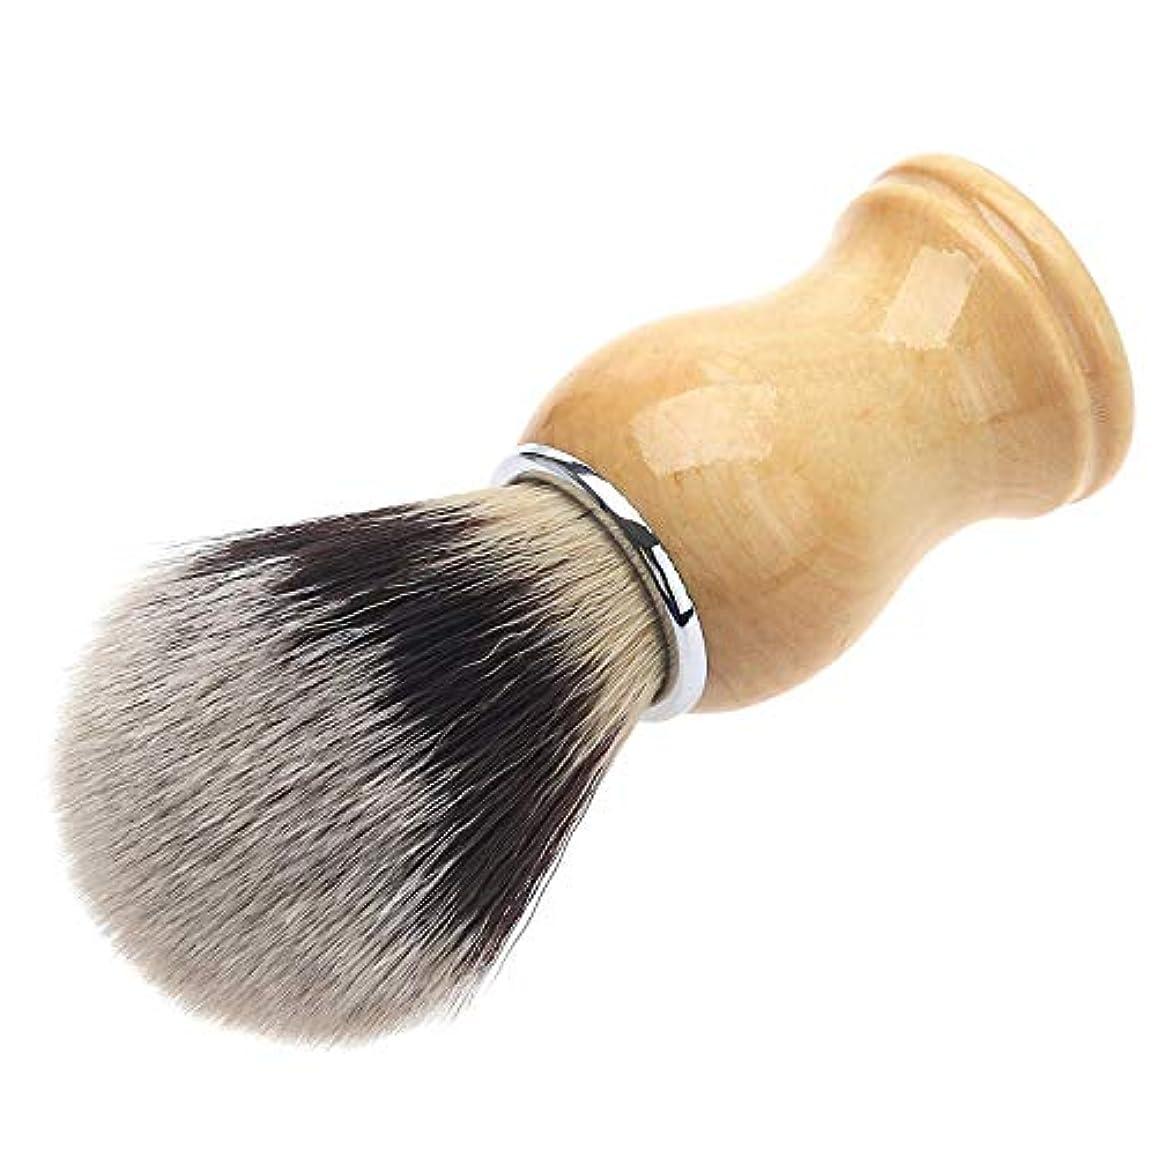 依存著作権オーバーフロー1個 メンズ用 髭剃り ブラシ シェービングブラシ 木製ハンドル 男性